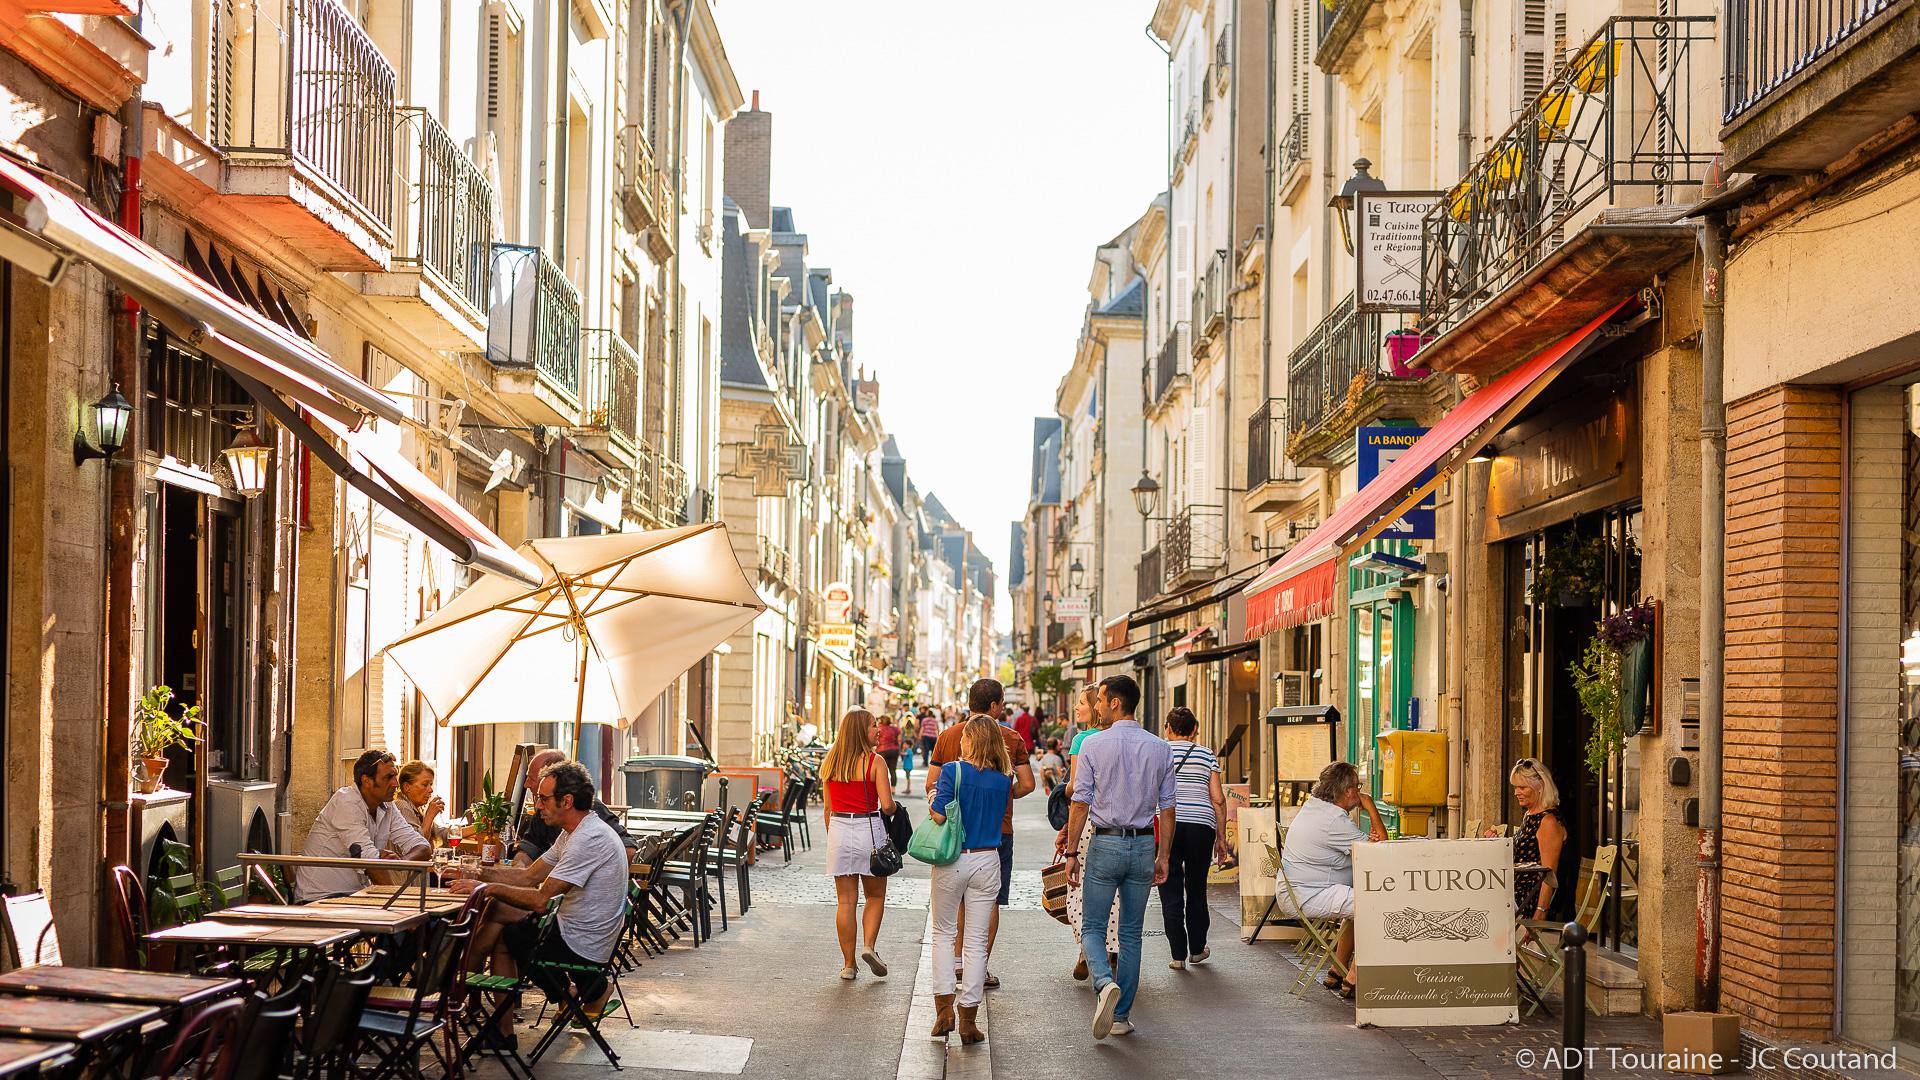 Idée pour un week-end en amoureux en France, par exemple pour la Saint Valentin : escapade romantique en couple dans la ville de Tours, à 2 heures de Paris. Pour la nuit du voyage, optez pour une pension dans un château hôtel doté d'un spa, à Rochecorbon.